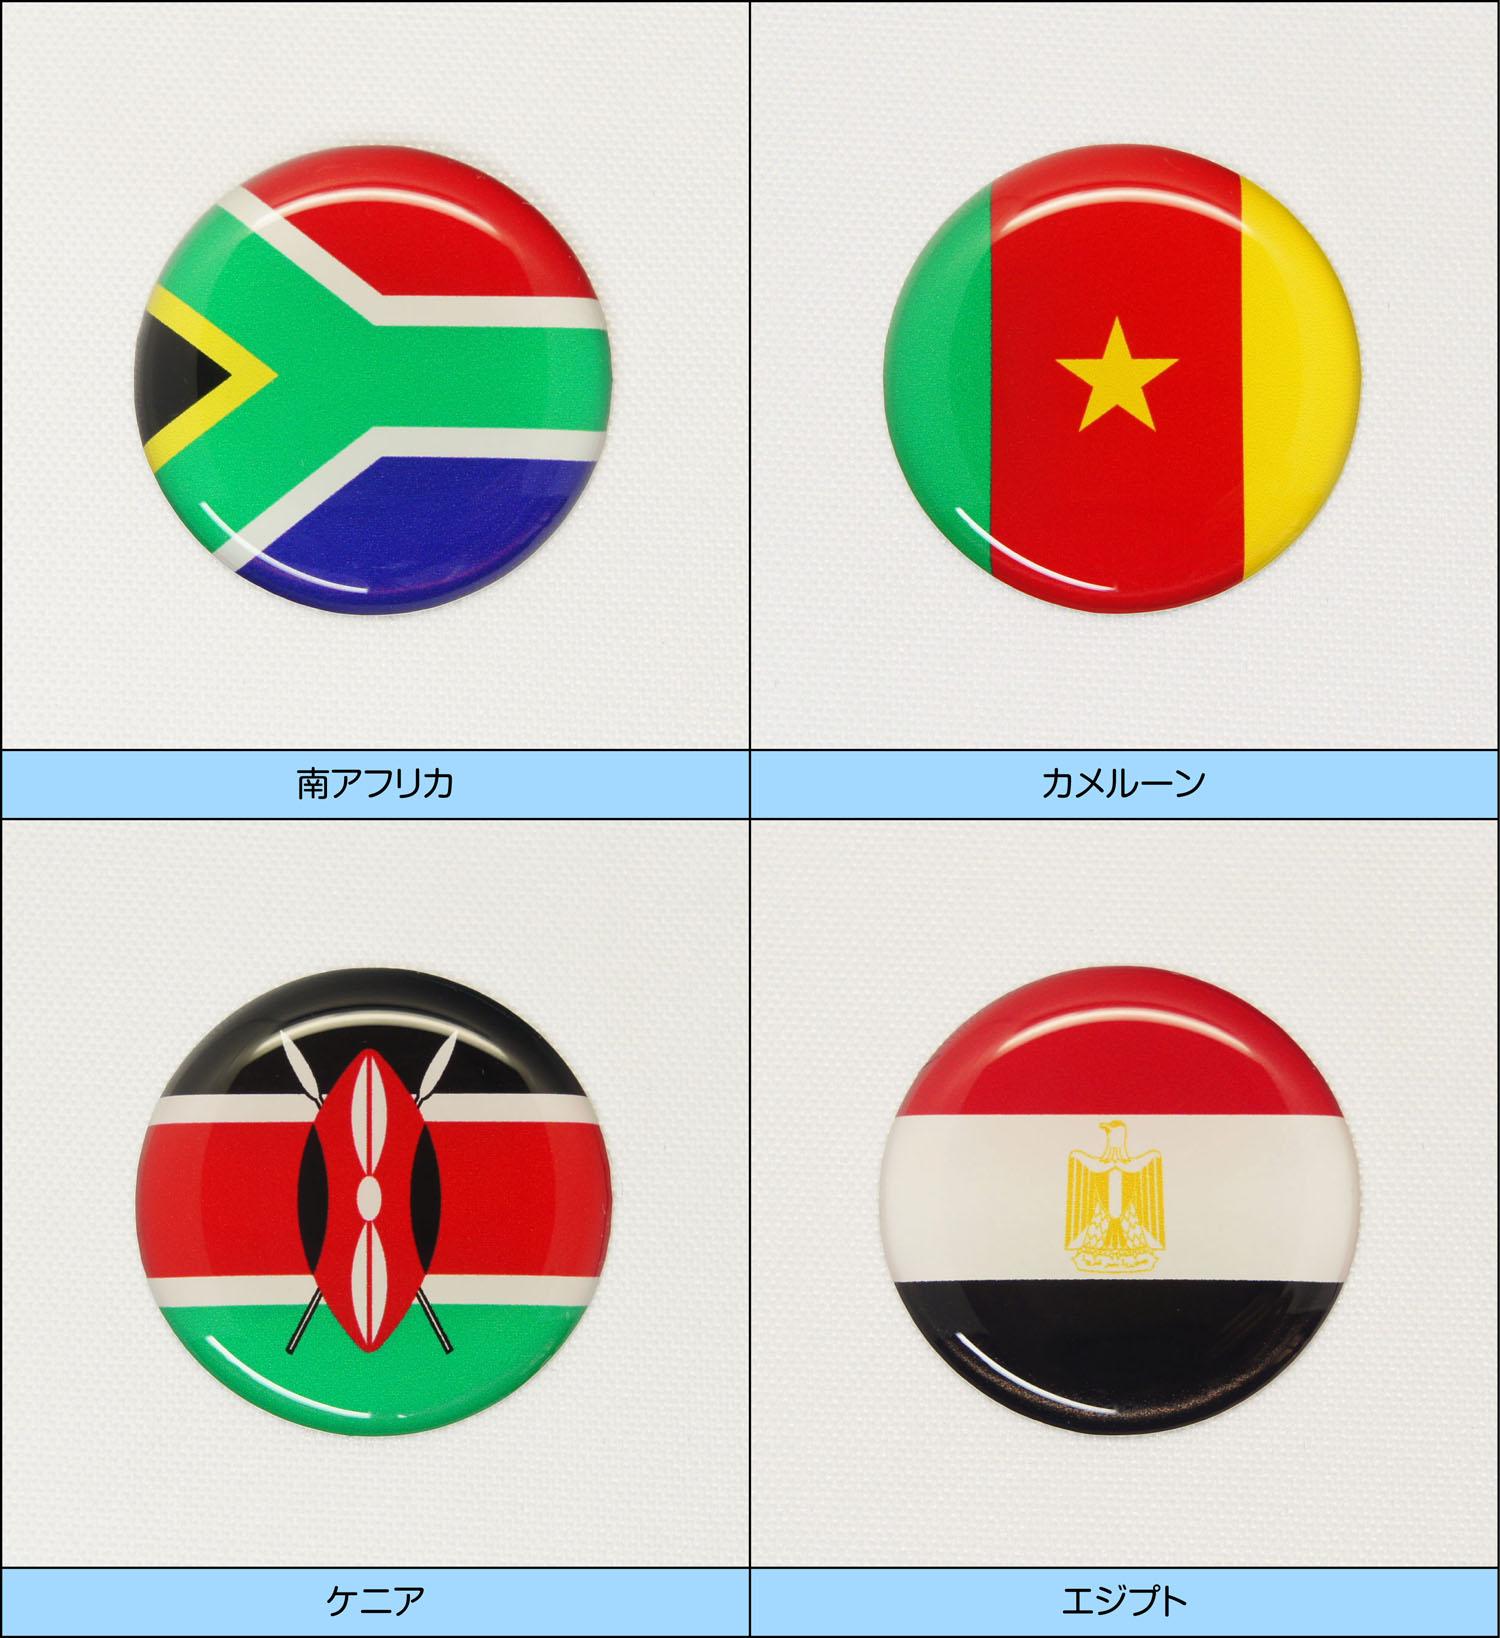 世界の国旗ゴルフマーカー アフリカ地区 一覧